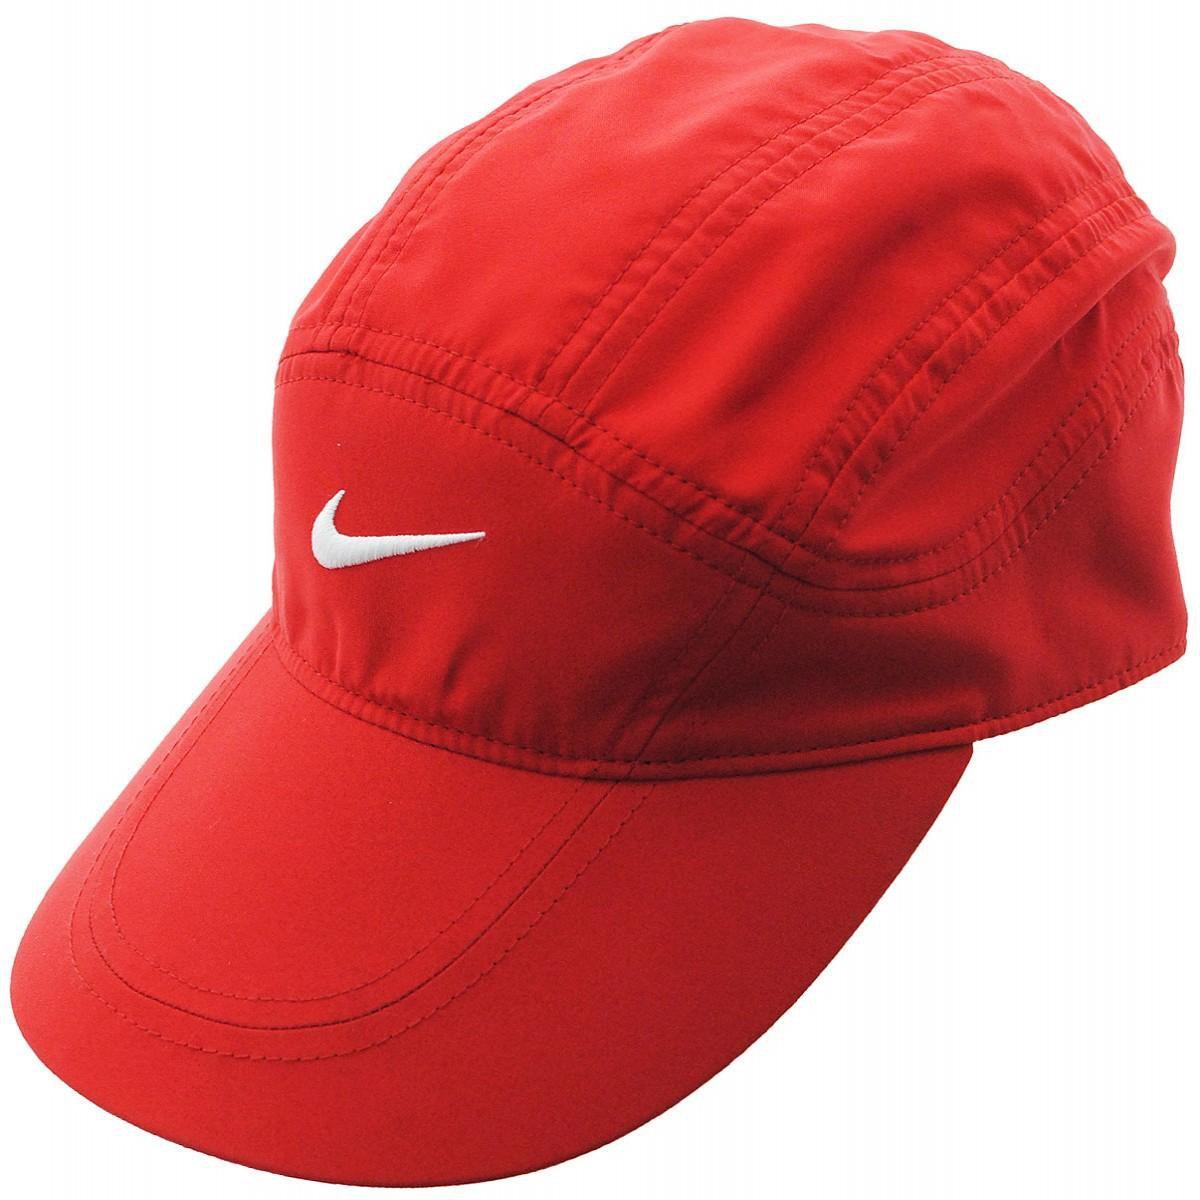 806f9005e3f3c Bone Nike Dri Fit Spiros - Compre Agora